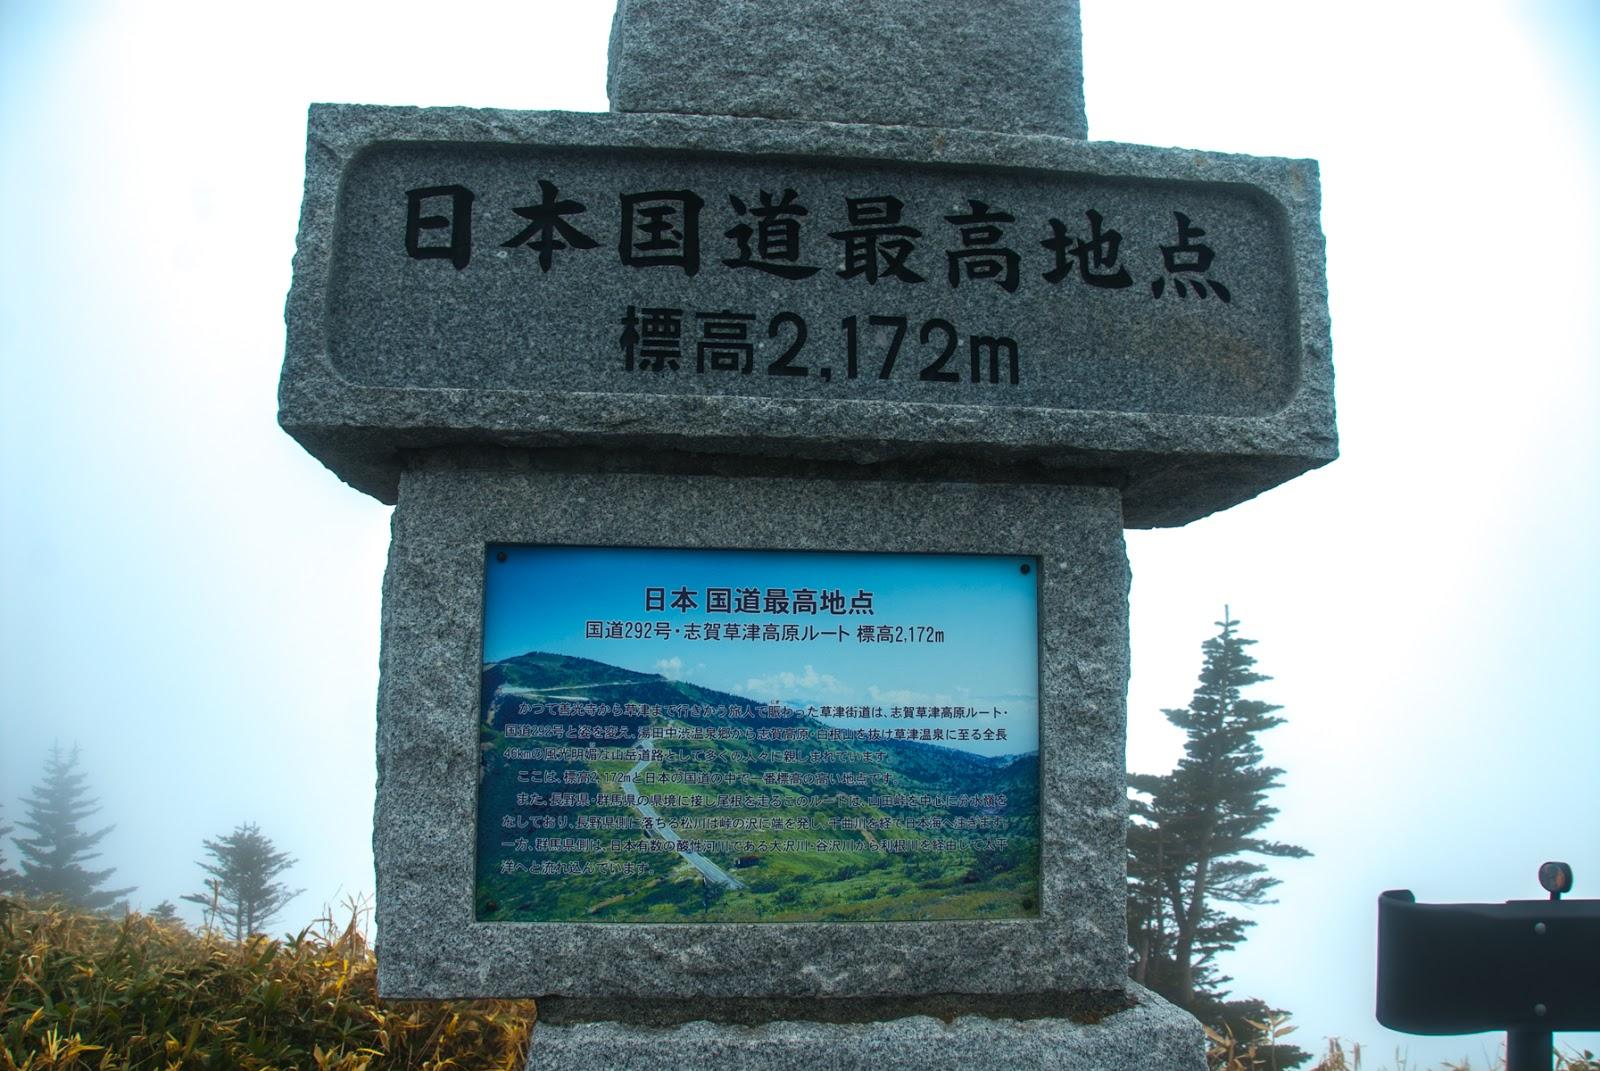 国道最高標高地点2172mの石碑